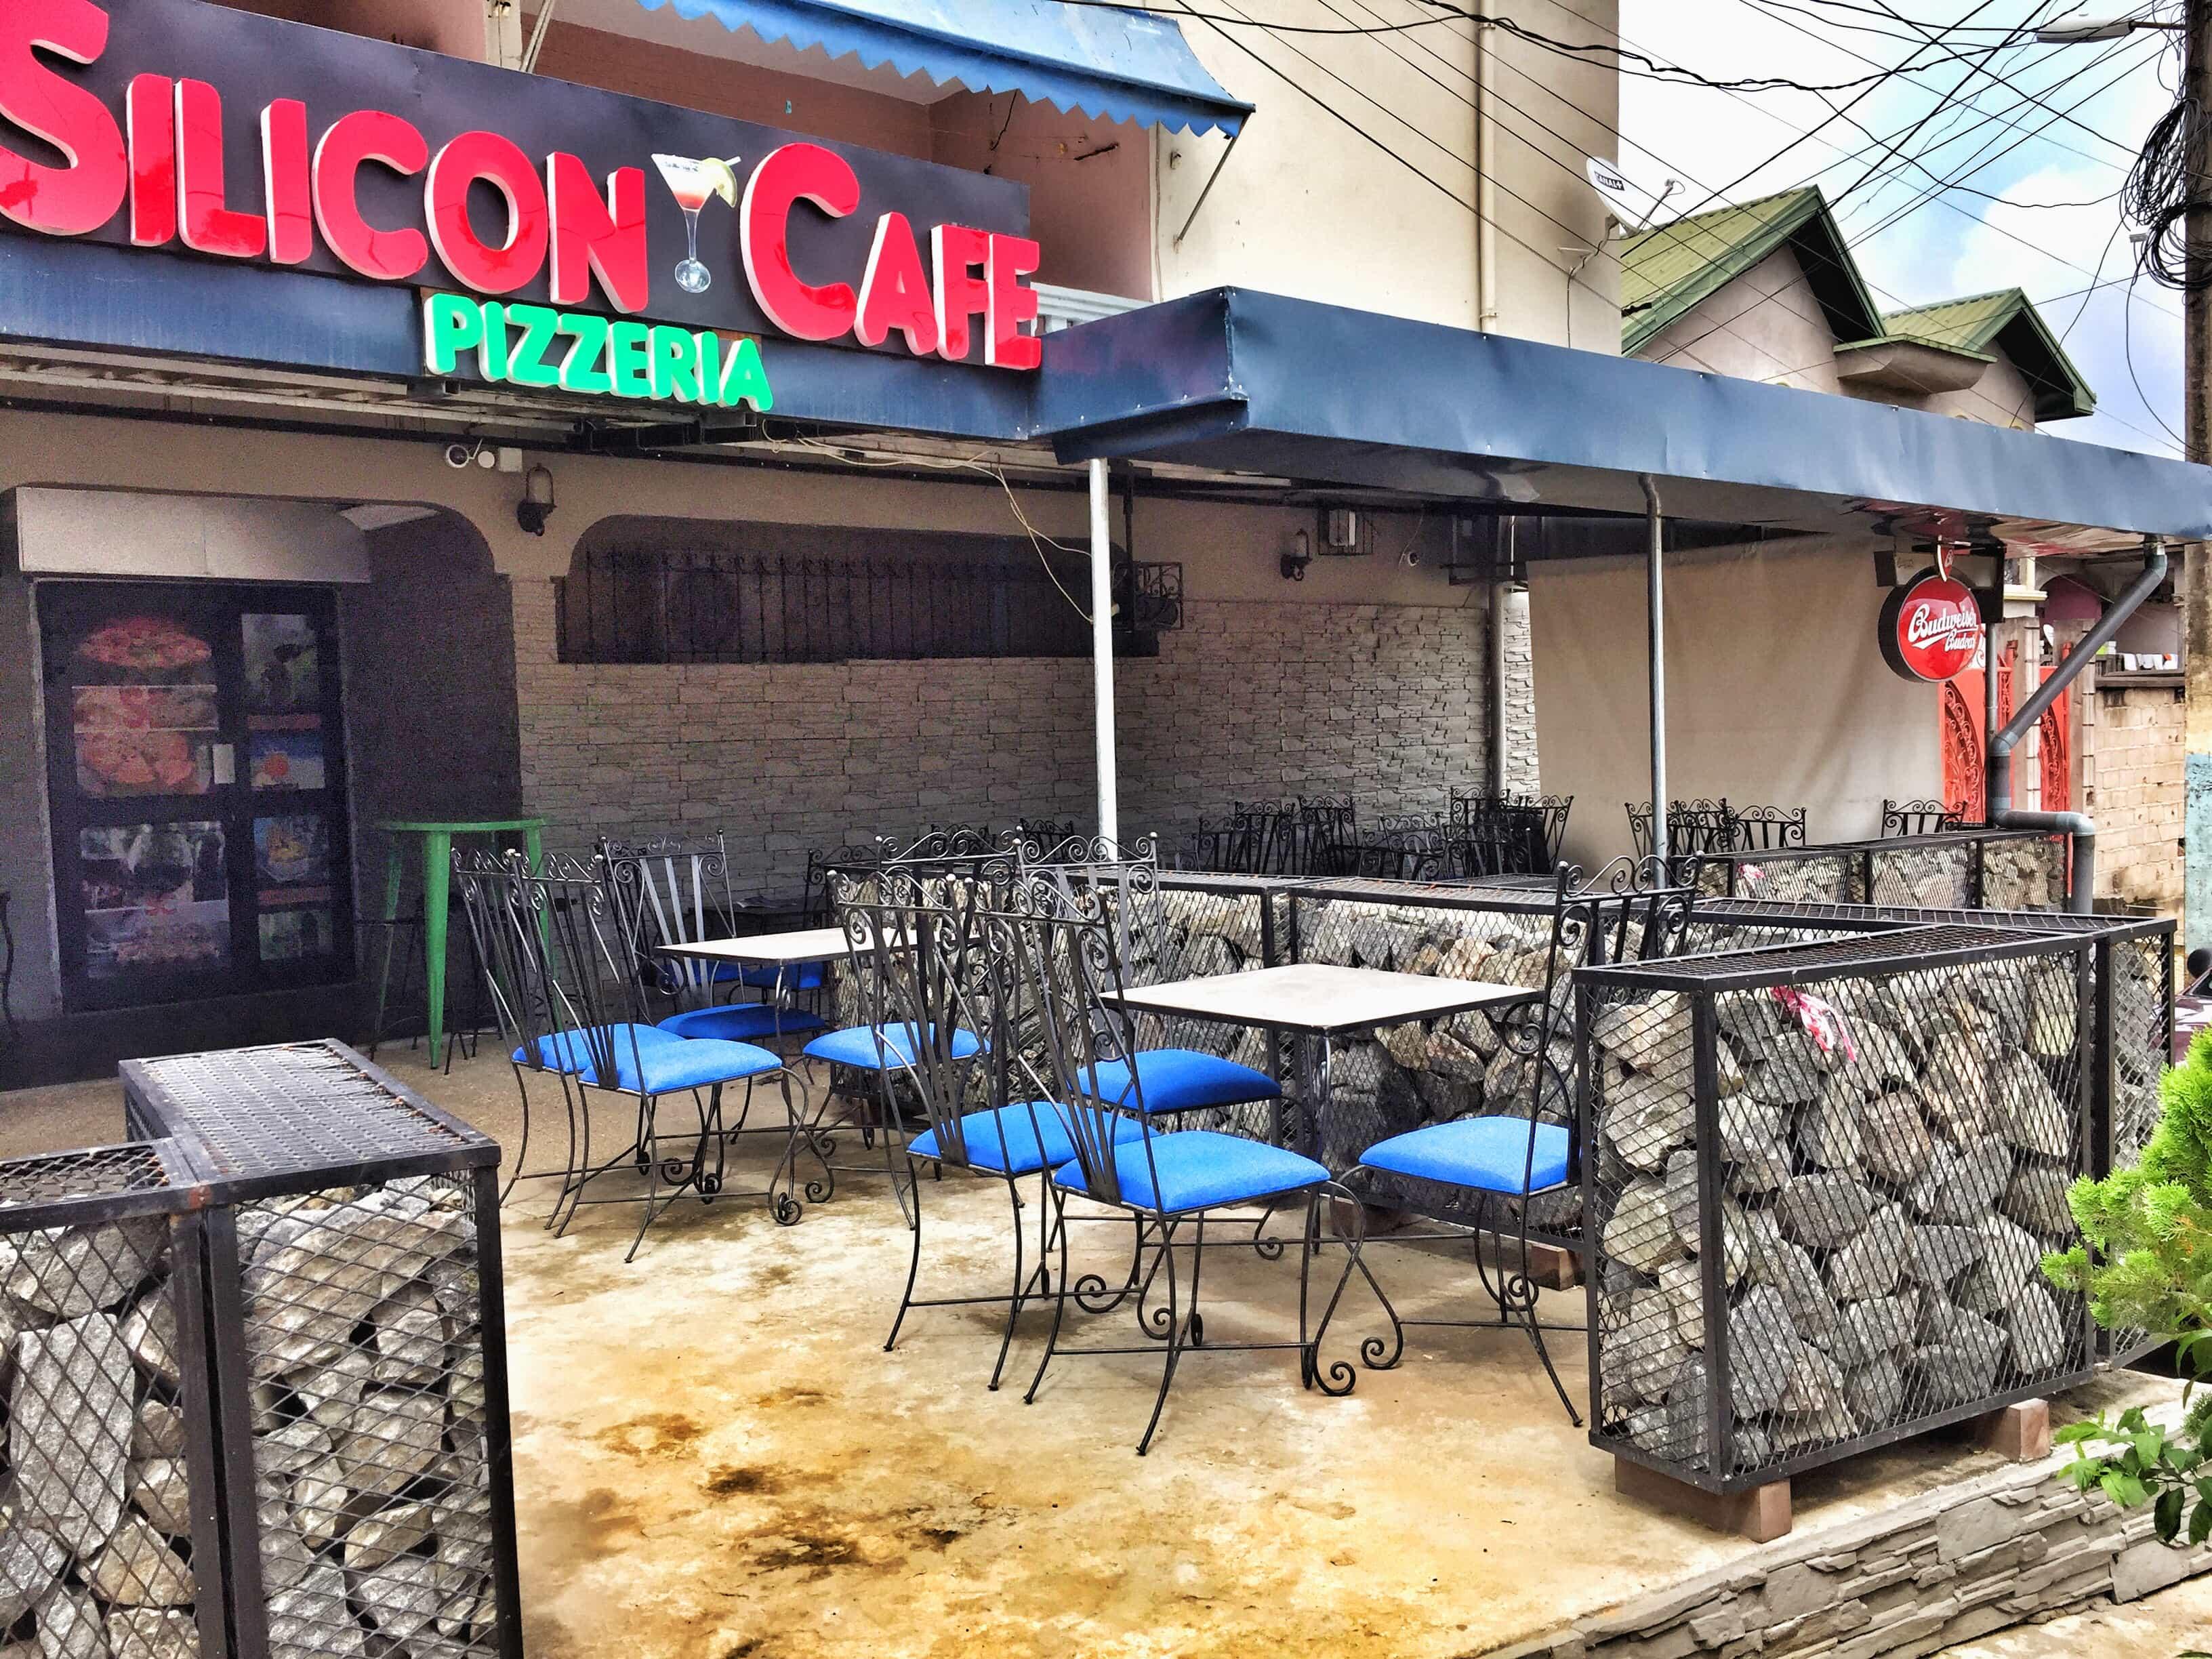 Silicon Café